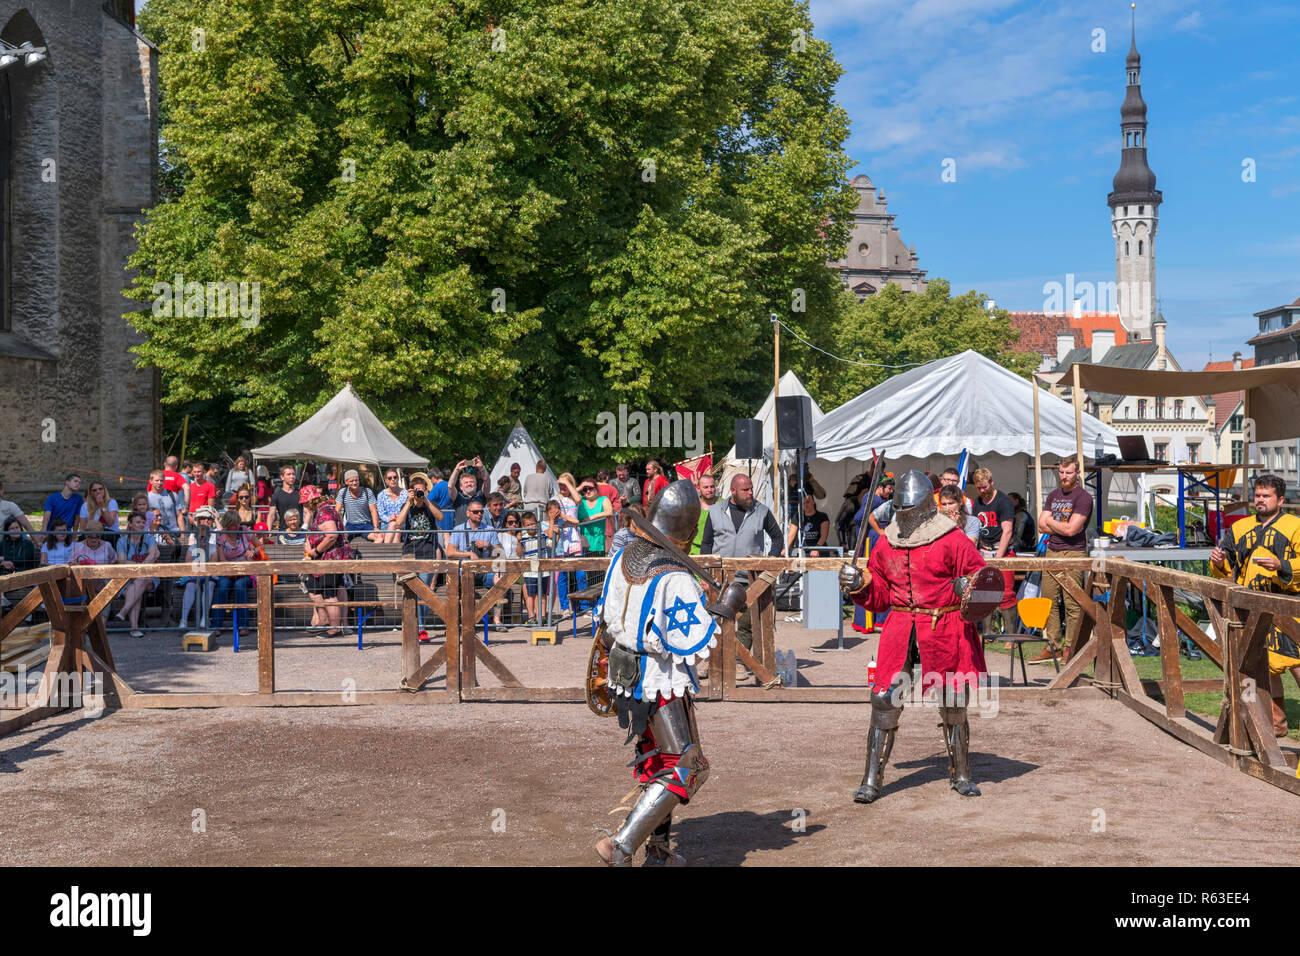 Les combats à l'épée au juillet 2018 Festival médiéval dans la vieille ville historique, Tallinn, Estonie Photo Stock